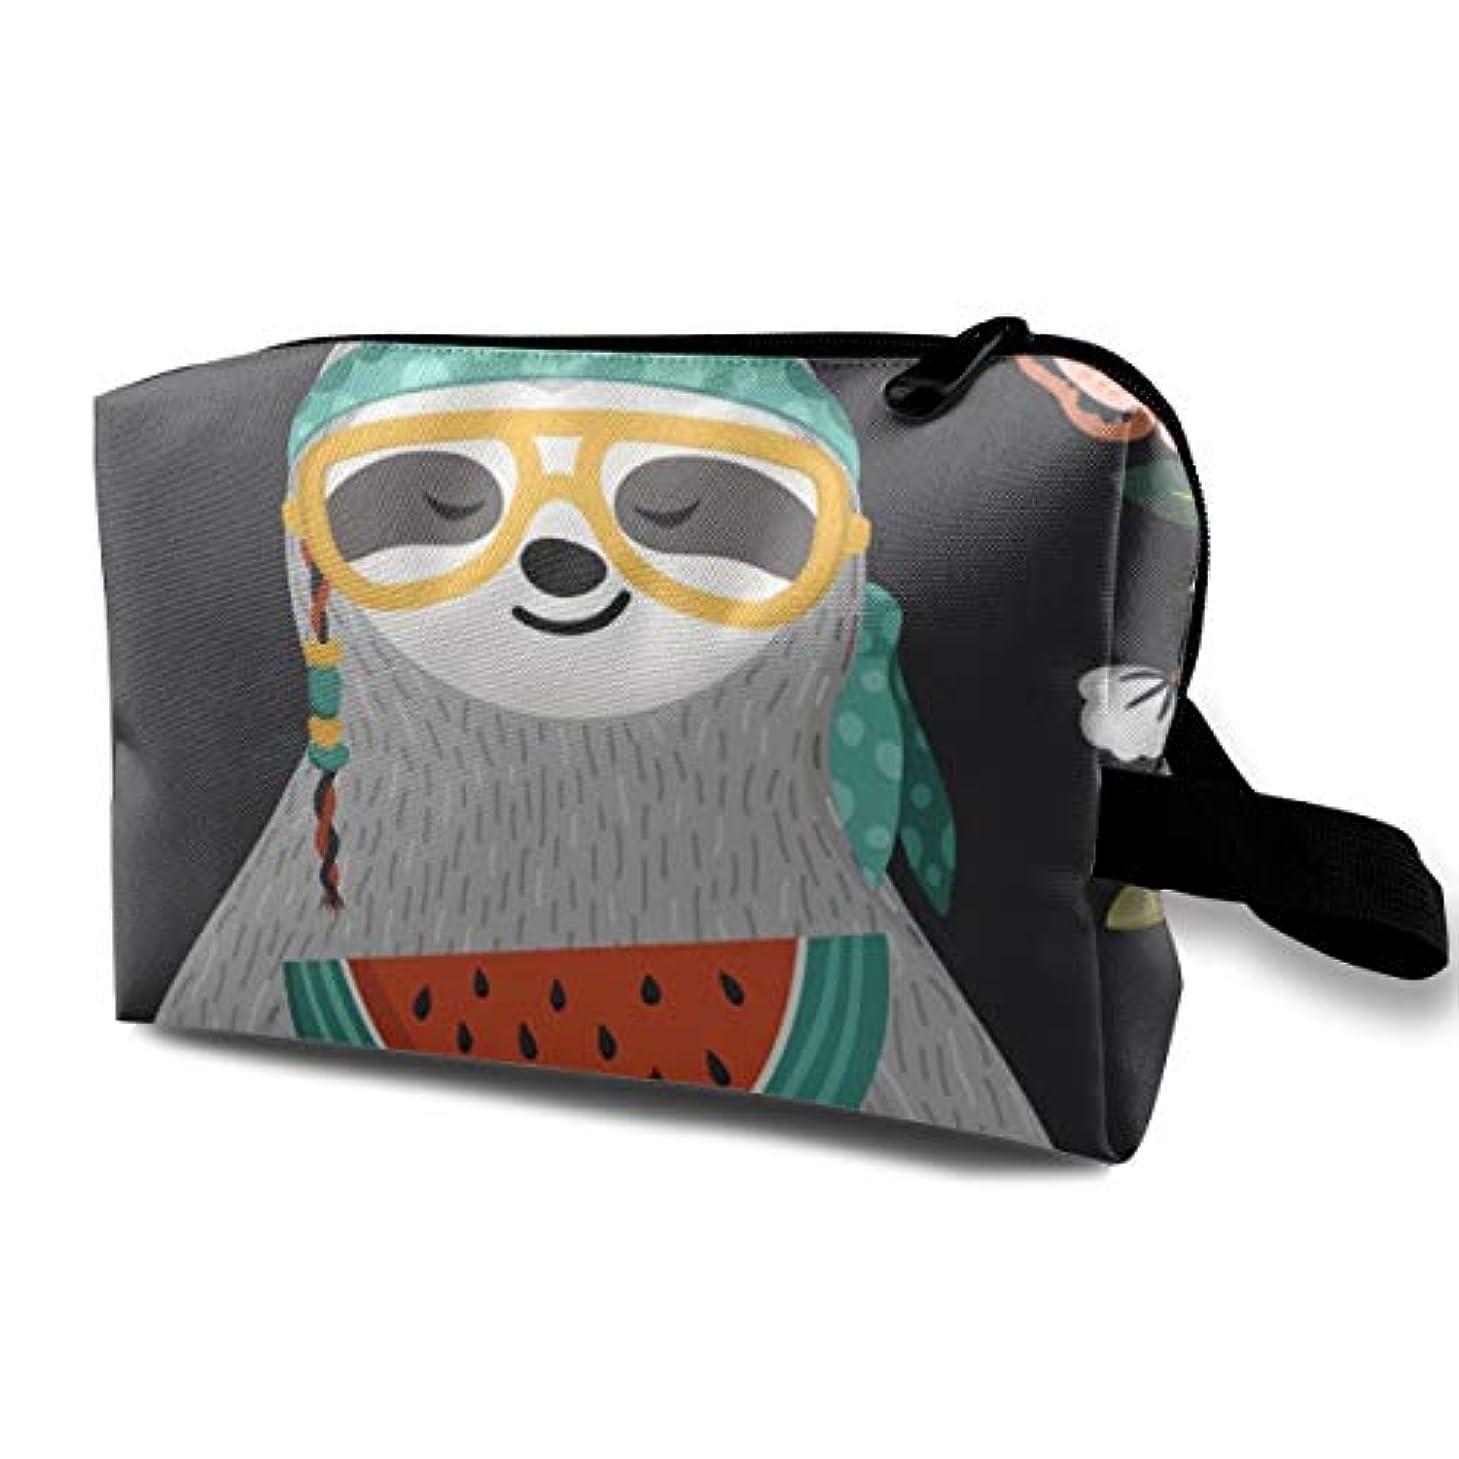 起きている経済的精神Cute Baby Sloth Eating Watermelon 収納ポーチ 化粧ポーチ 大容量 軽量 耐久性 ハンドル付持ち運び便利。入れ 自宅?出張?旅行?アウトドア撮影などに対応。メンズ レディース トラベルグッズ